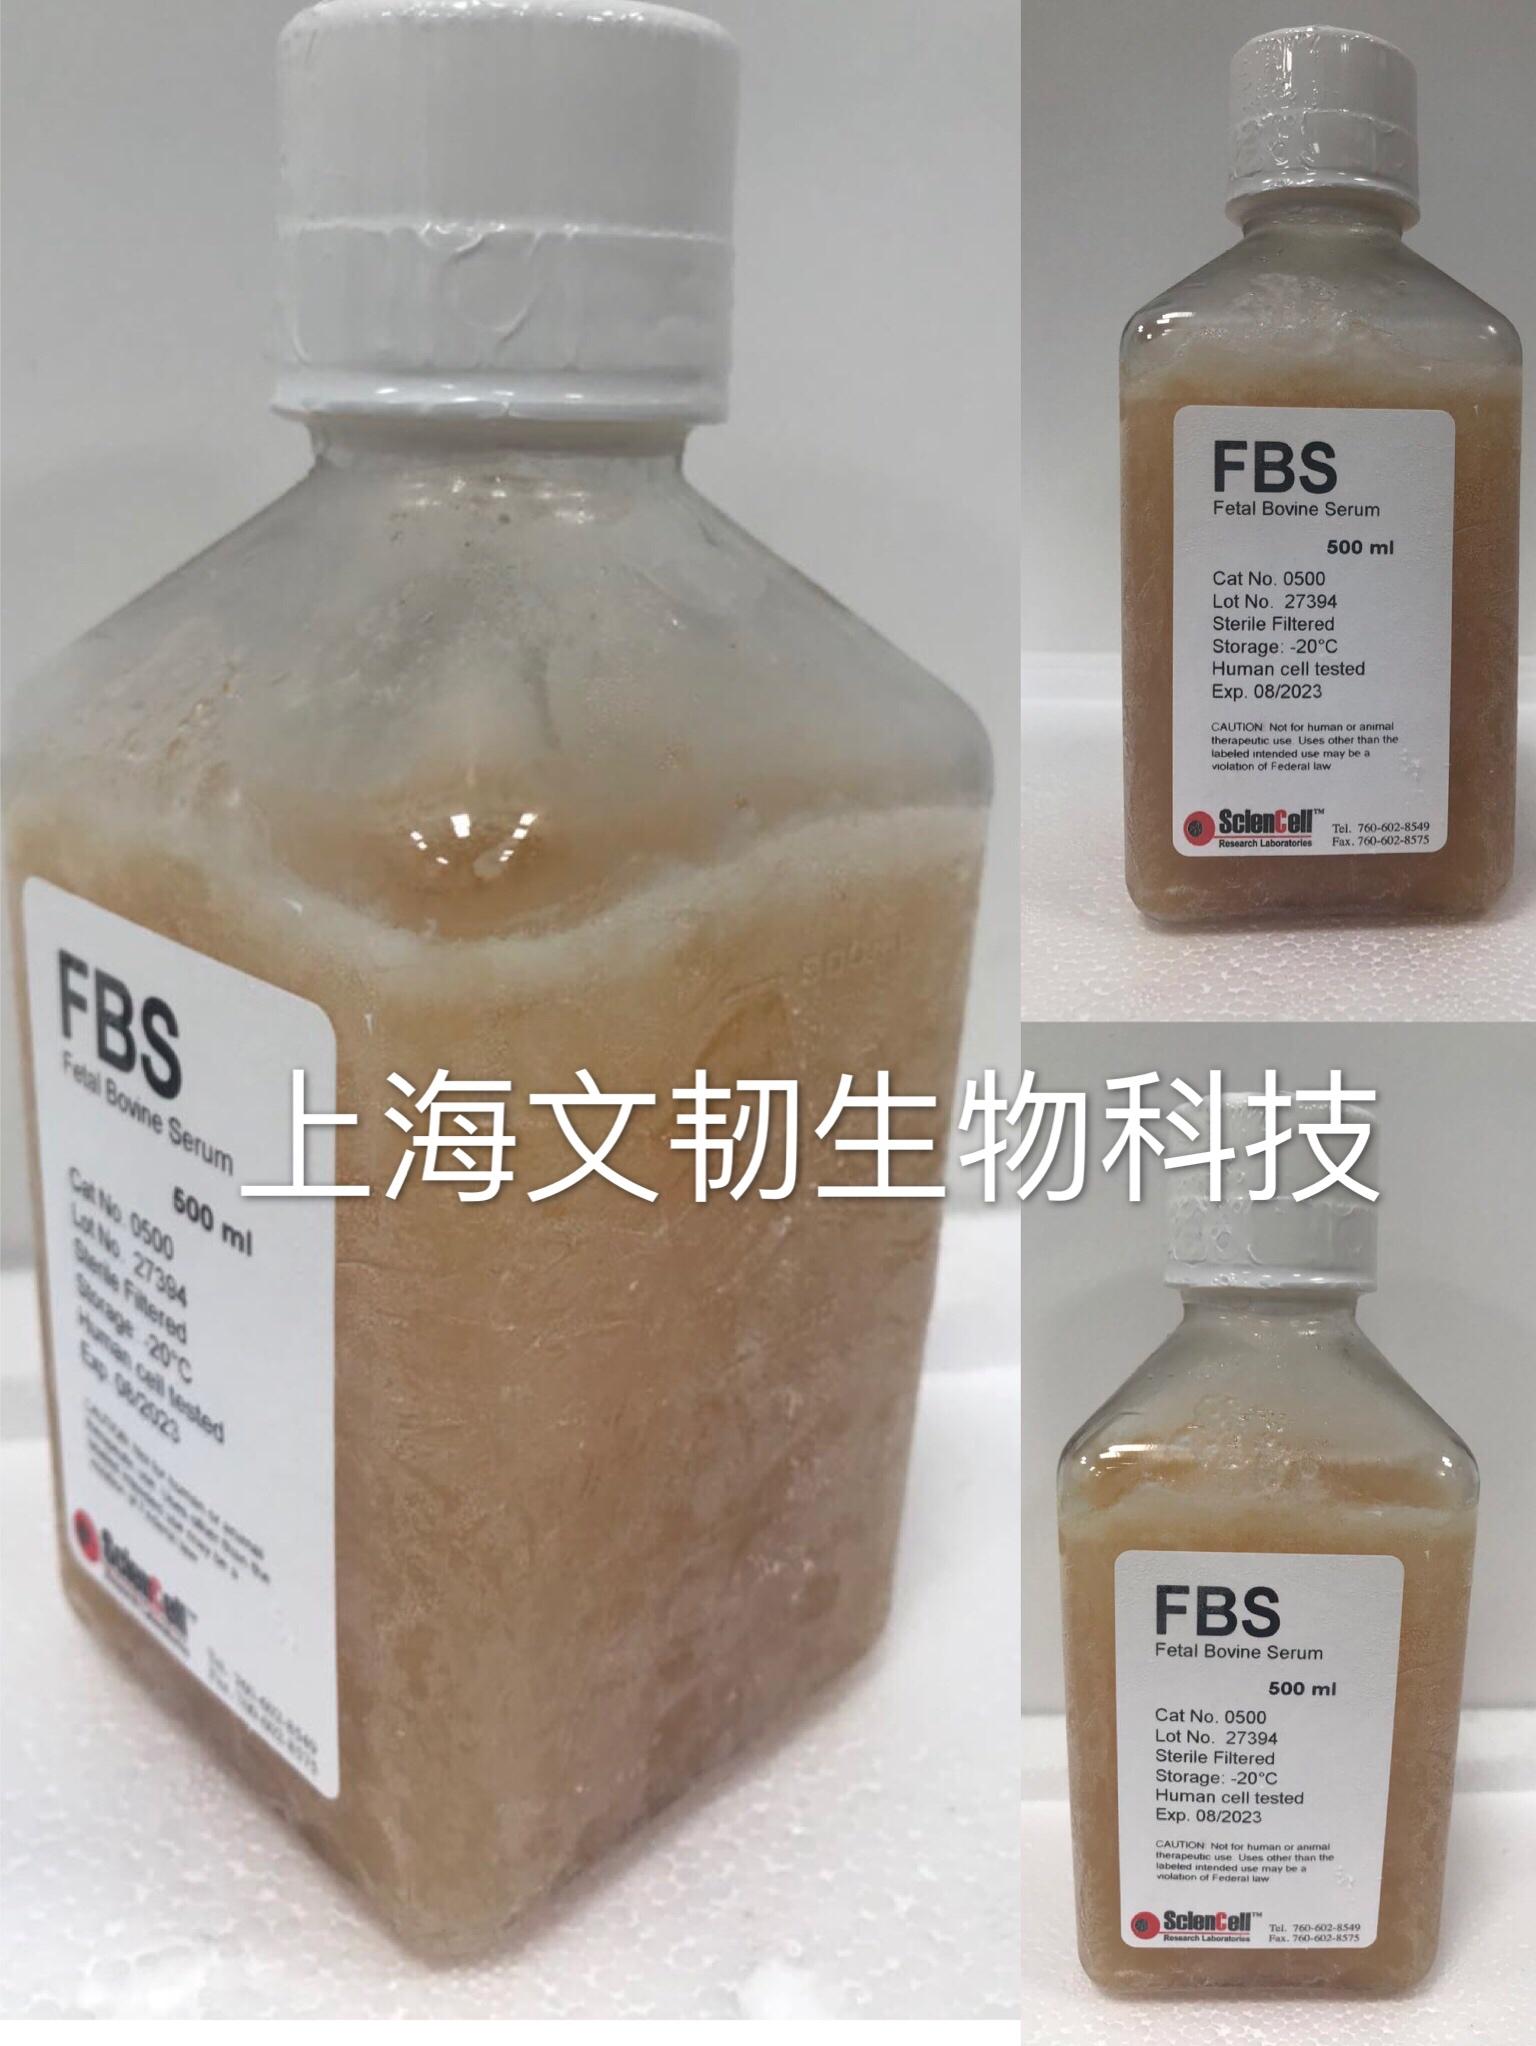 质量好胎牛血清代理_fbs胎牛血清相关-上海文韧生物科技有限公司